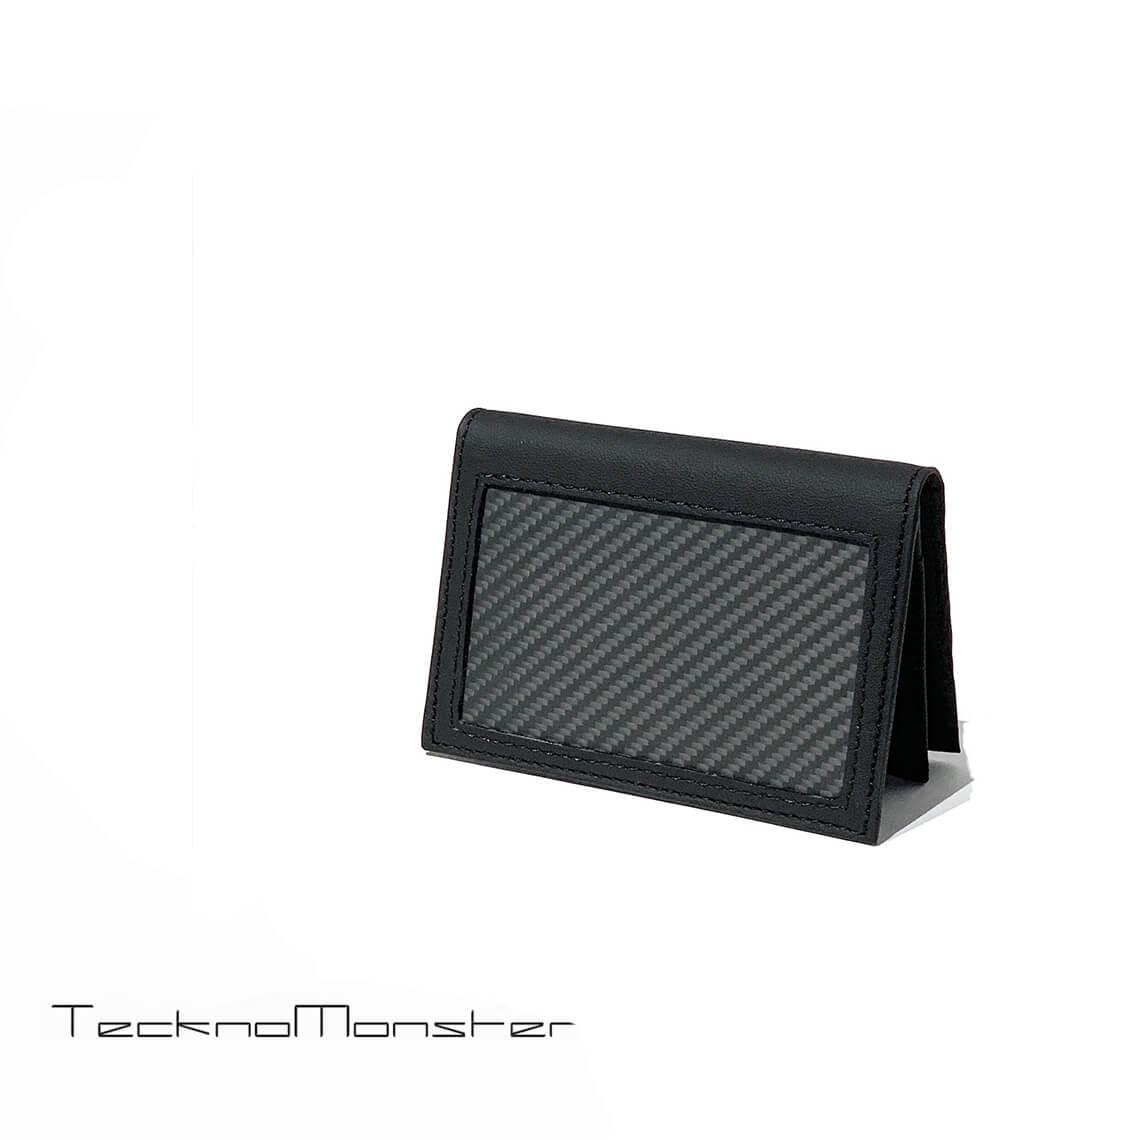 TecknoMonster (テクノモンスター)名刺入れ カードケース カーボンファイバー カーフレザー おしゃれ